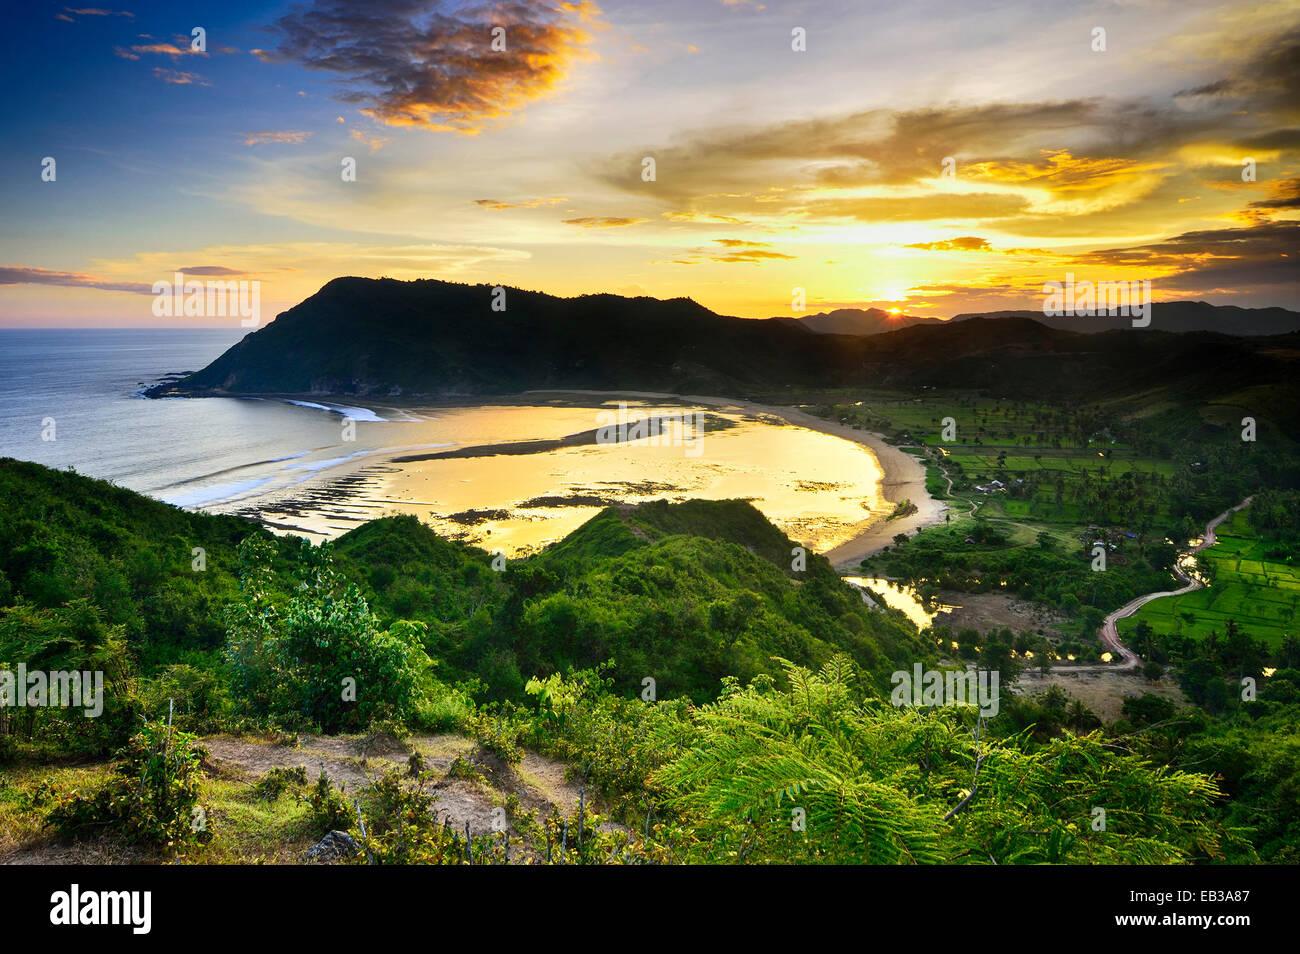 Erhöhten Blick auf die Bucht bei Sonnenuntergang Stockbild